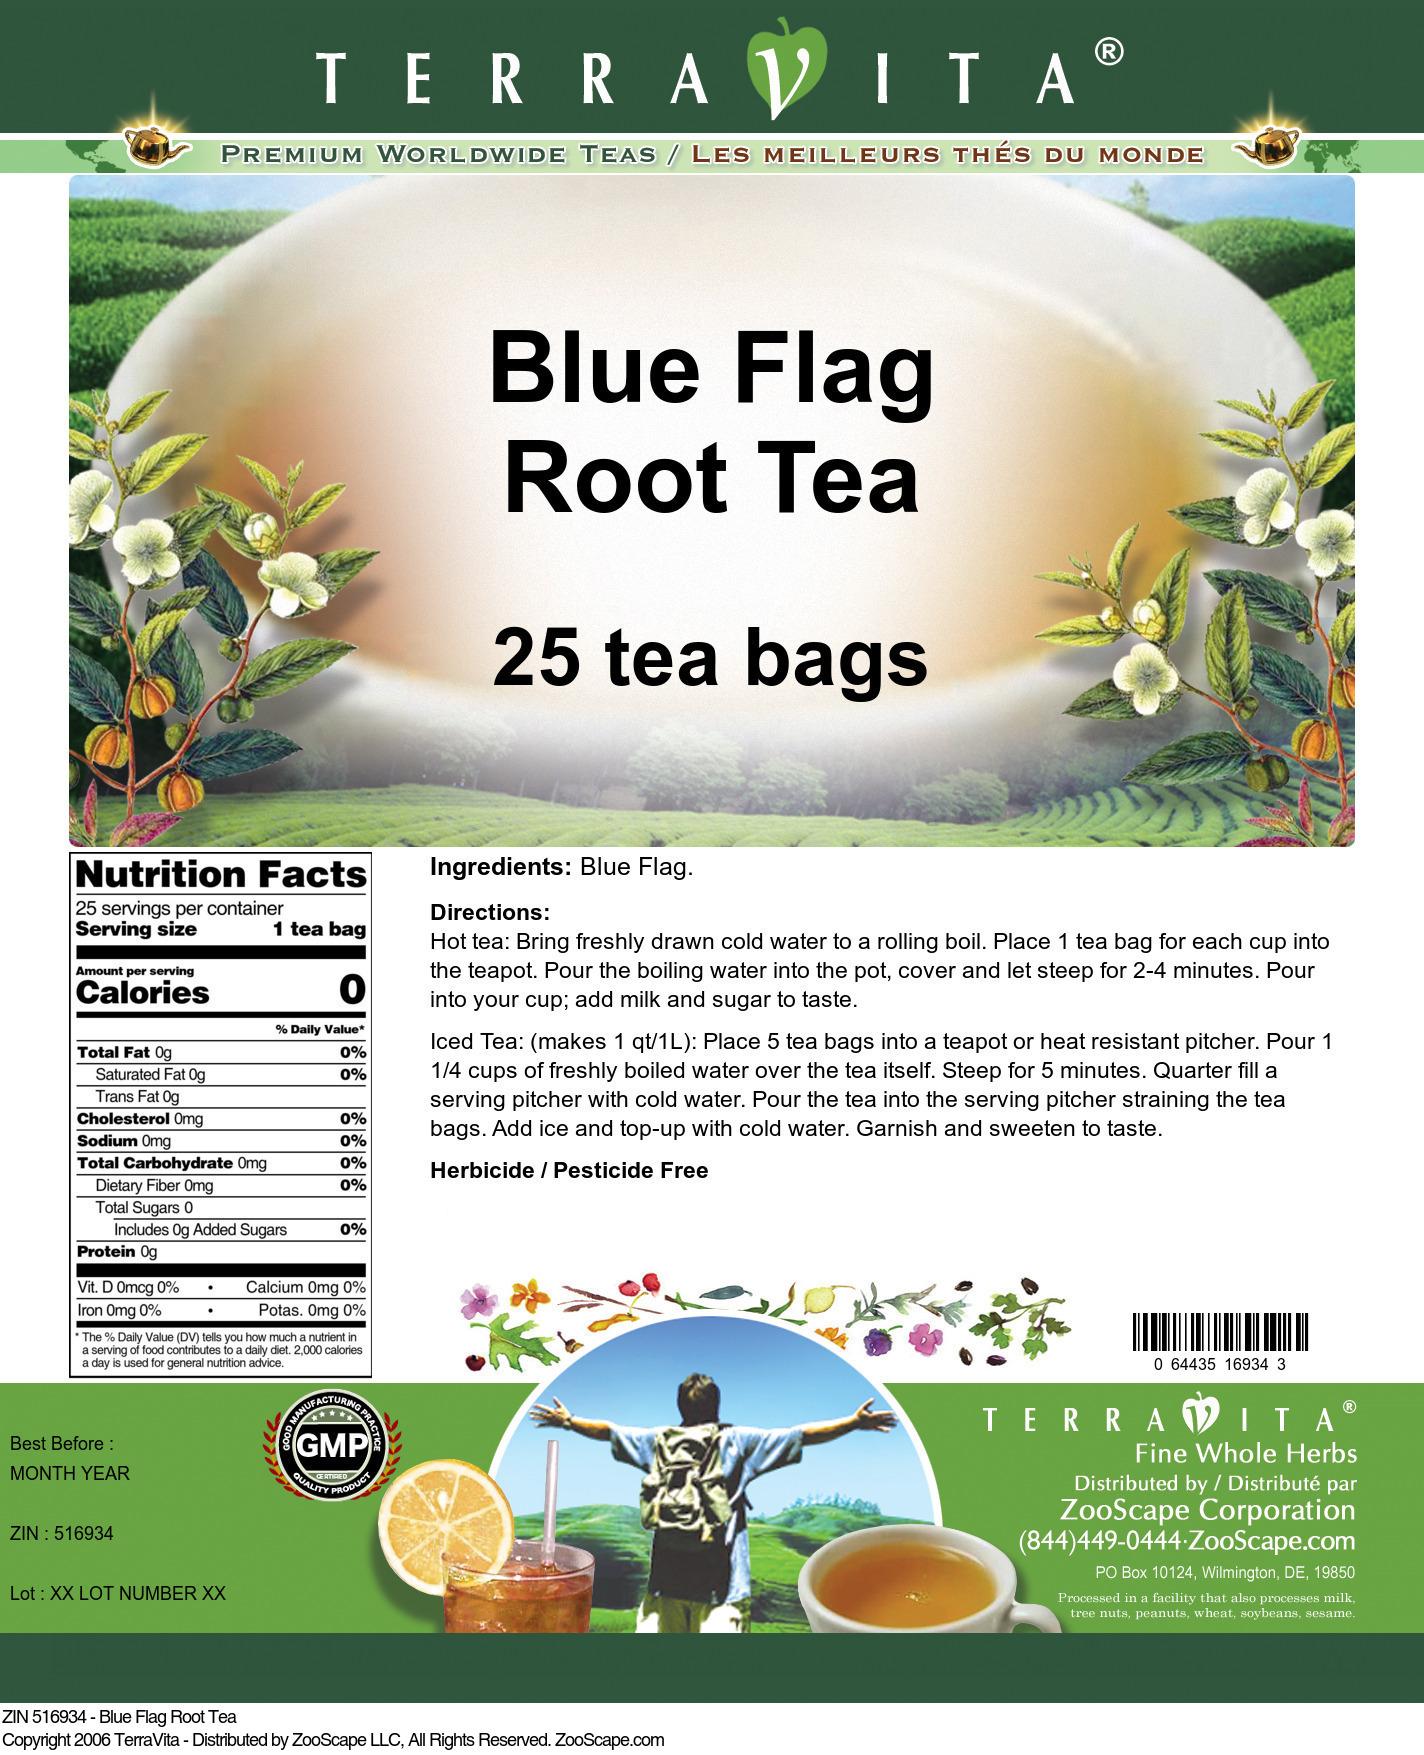 Blue Flag Root Tea